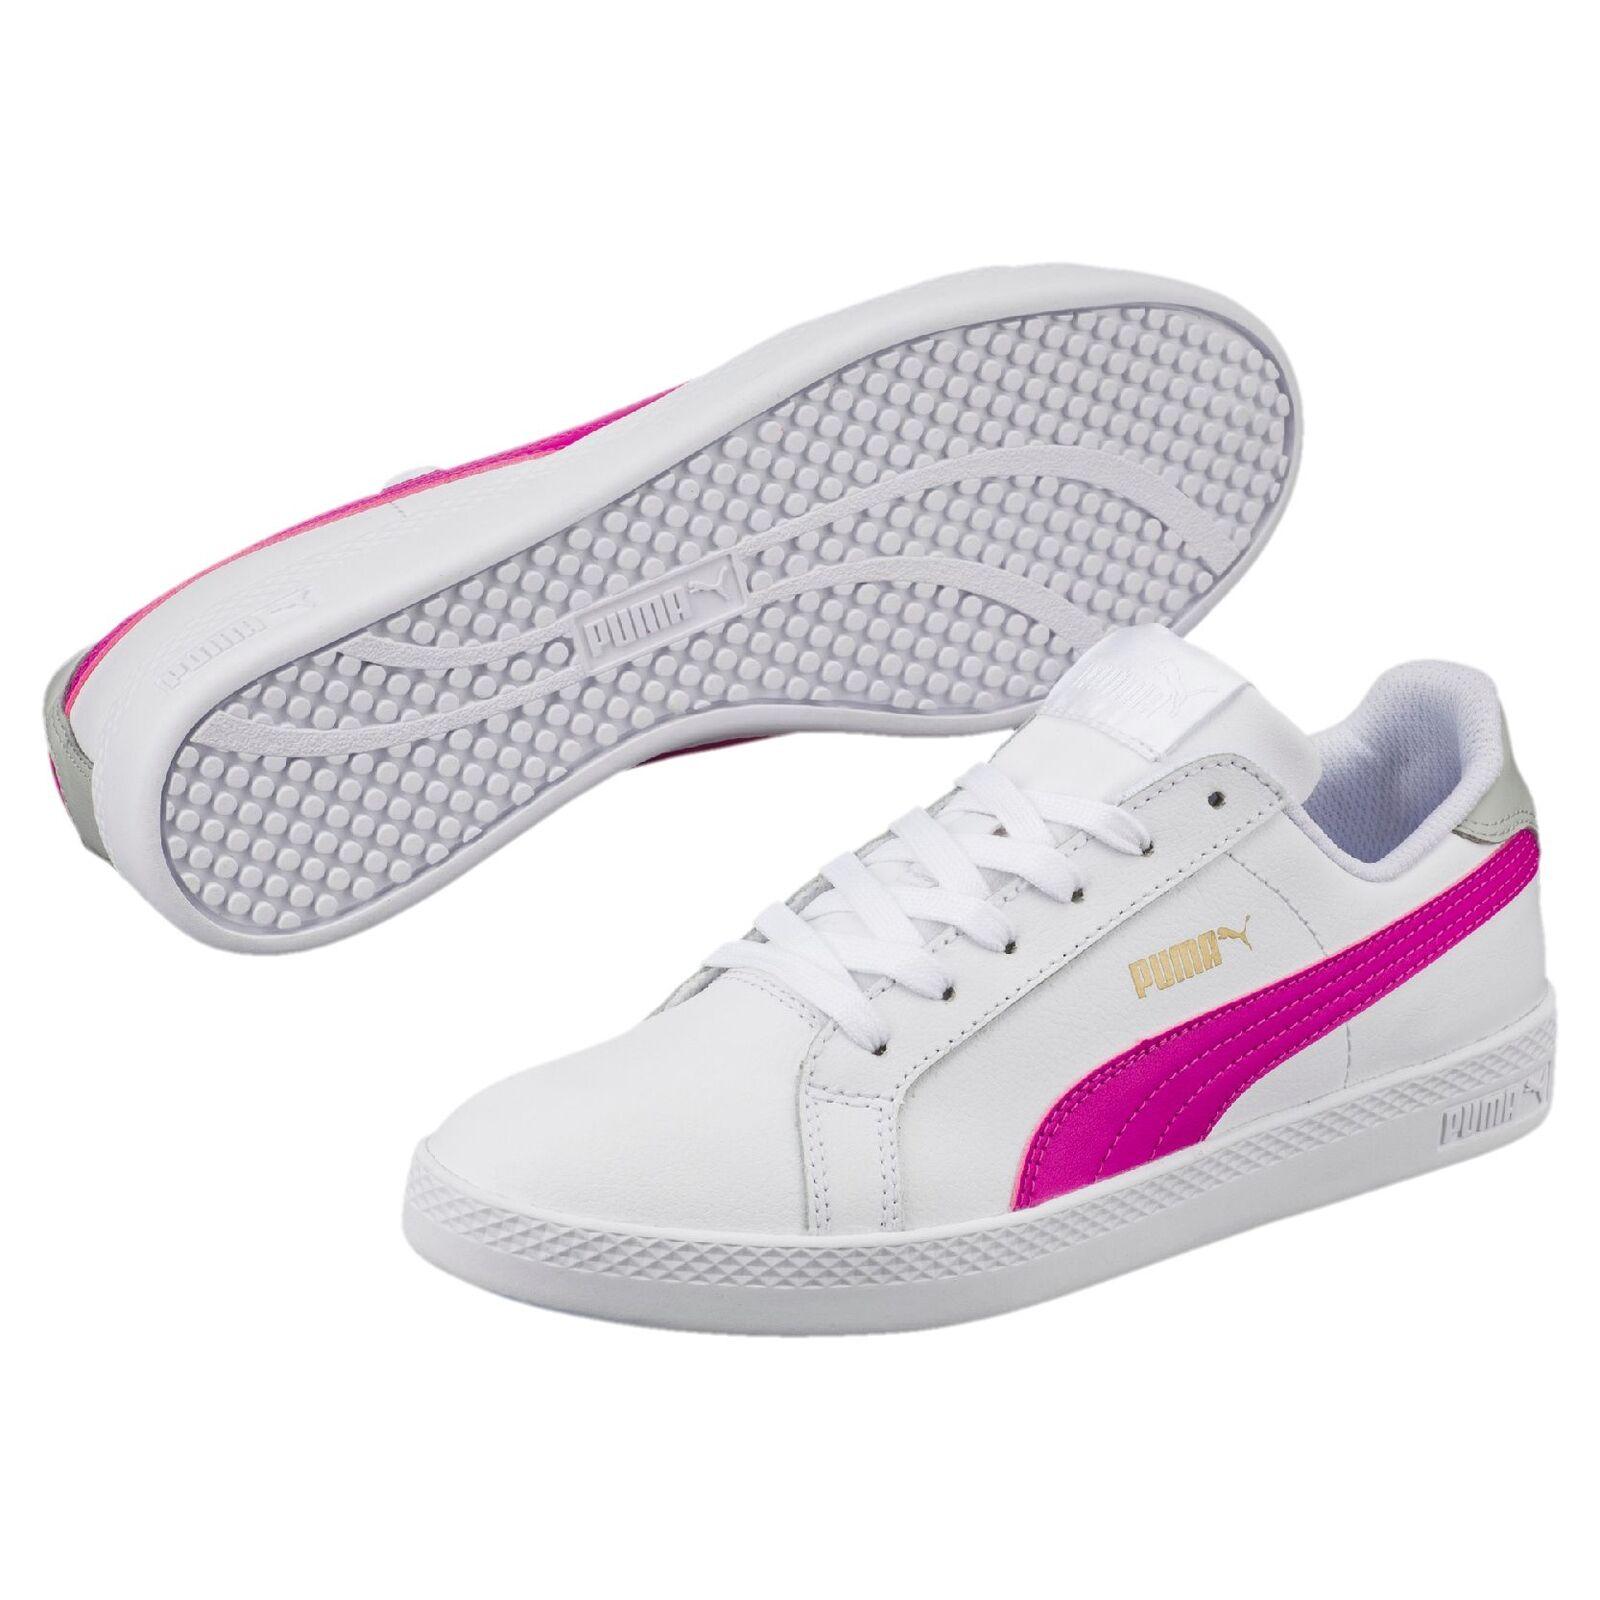 PUMA Basket Smash pour femme Femmes Chaussures Basiques Neuf